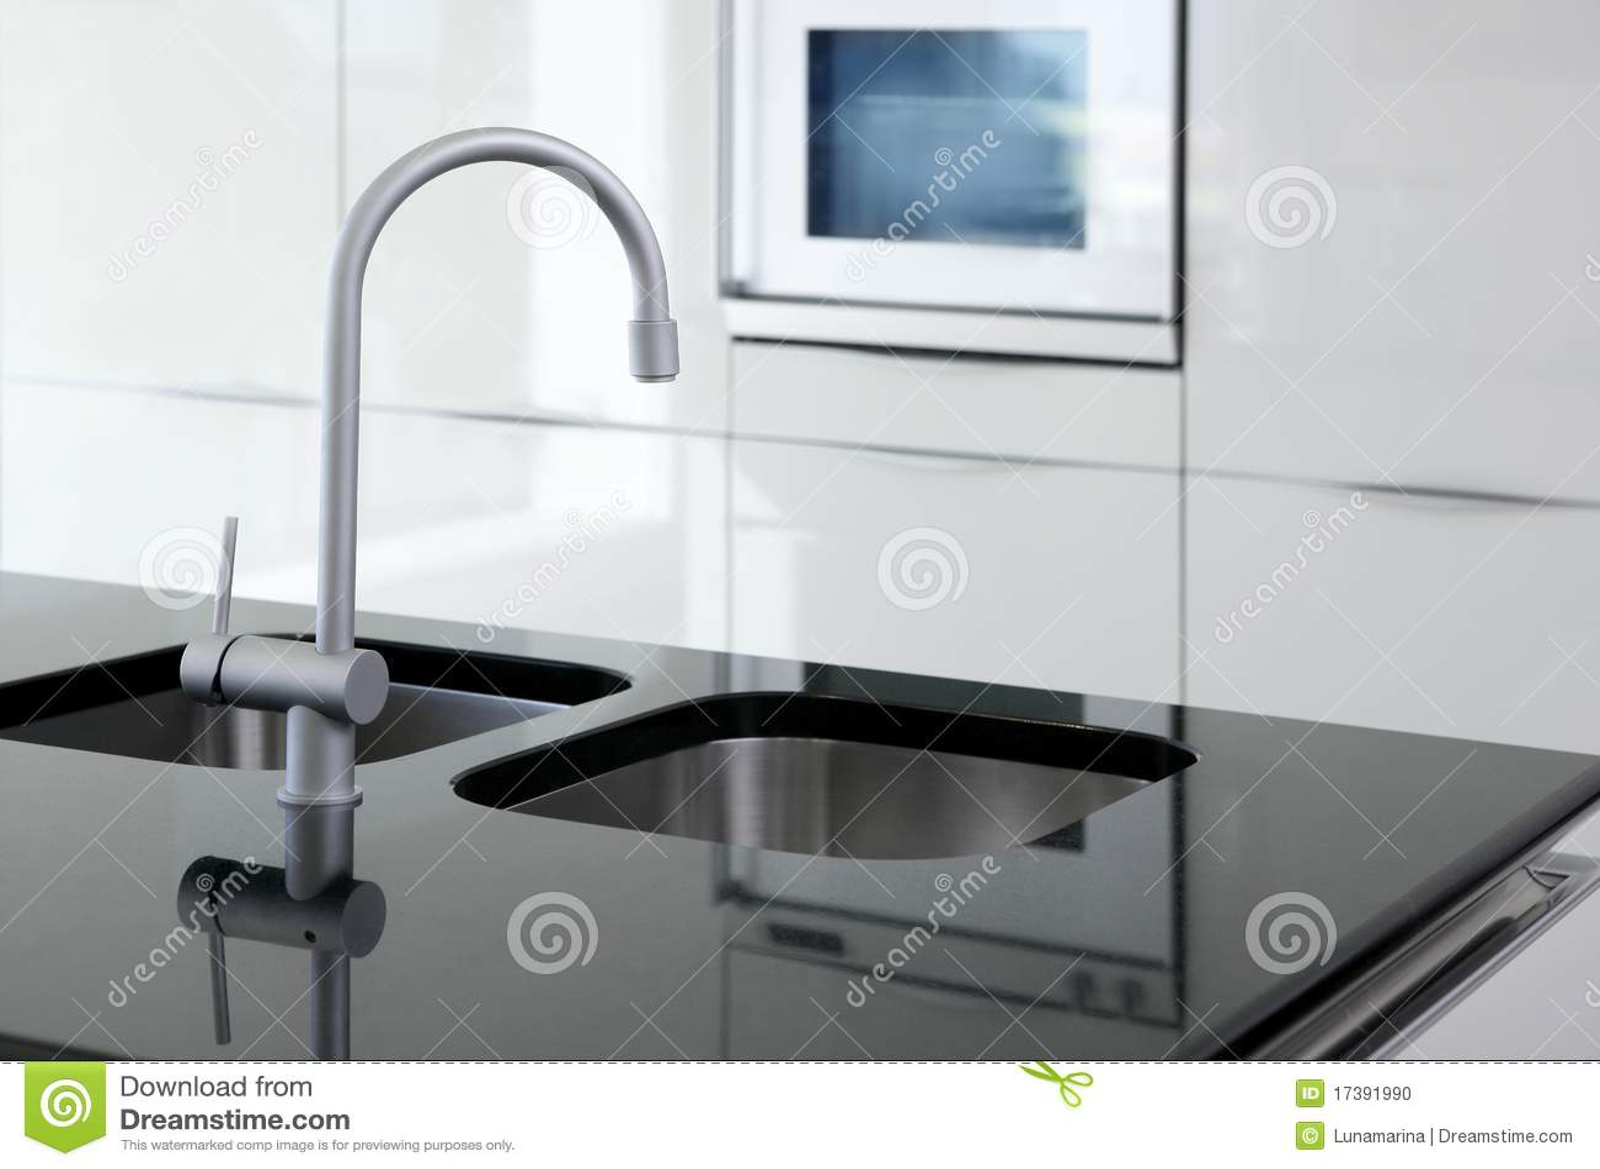 Zwart Wit Gebied Keuken : Black and White Kitchen Faucet